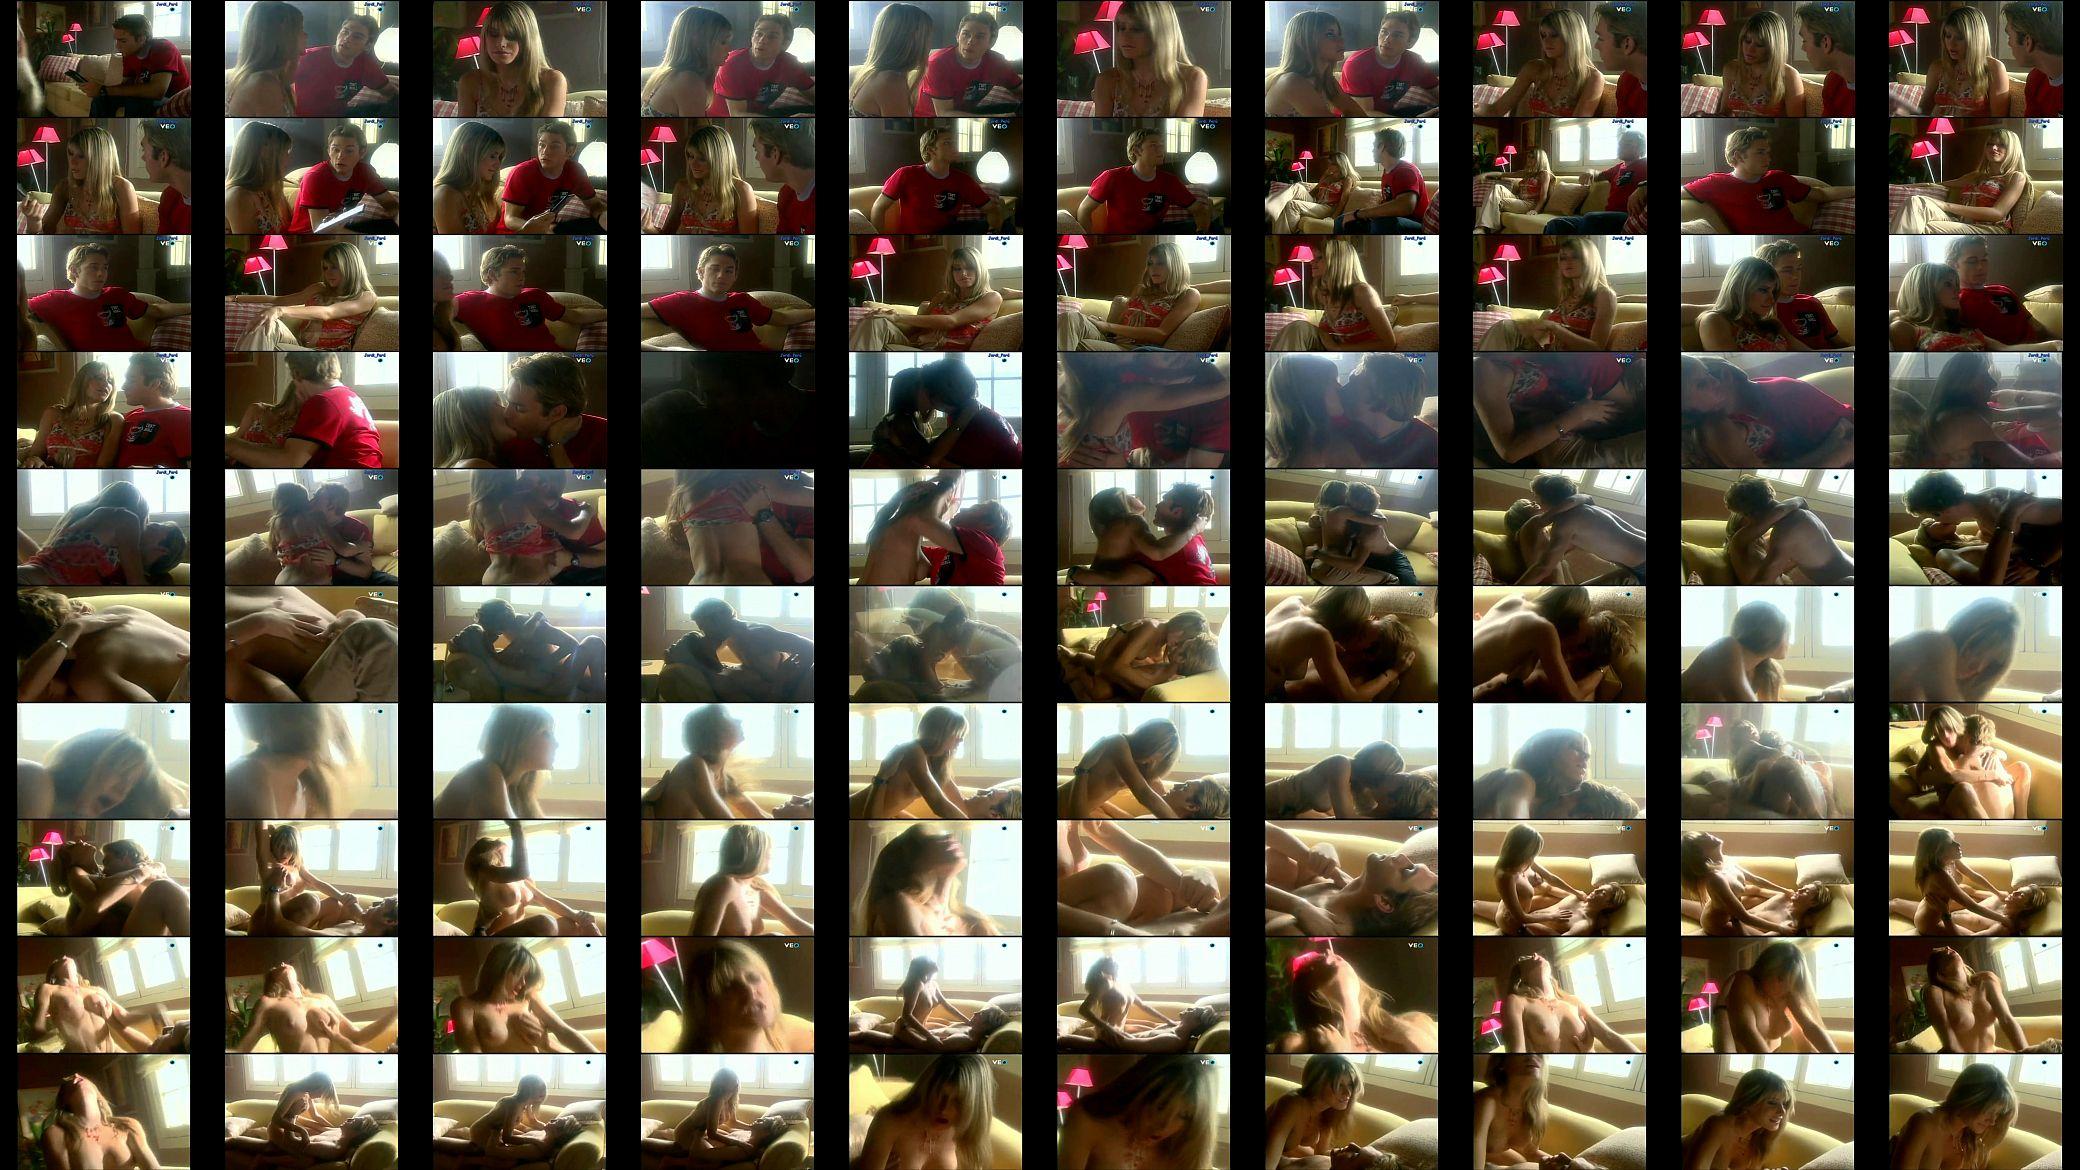 Andrea Rodriguez Follando andrea rodriguez 2 - xvideos